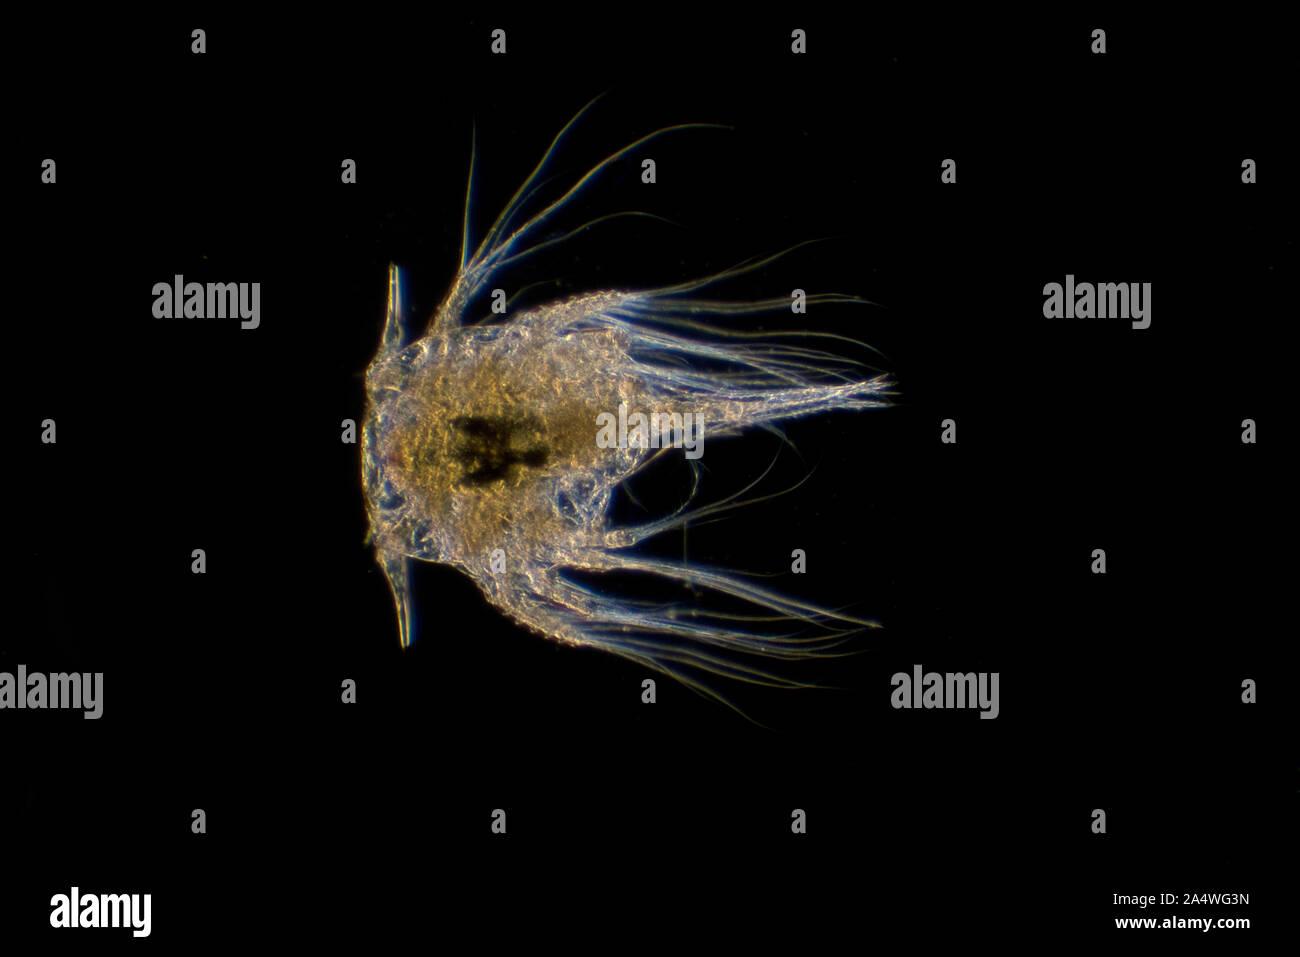 Percebe larvas Nauplius larva de Elminius modestus, microscópico, iluminación de campo oscuro Foto de stock